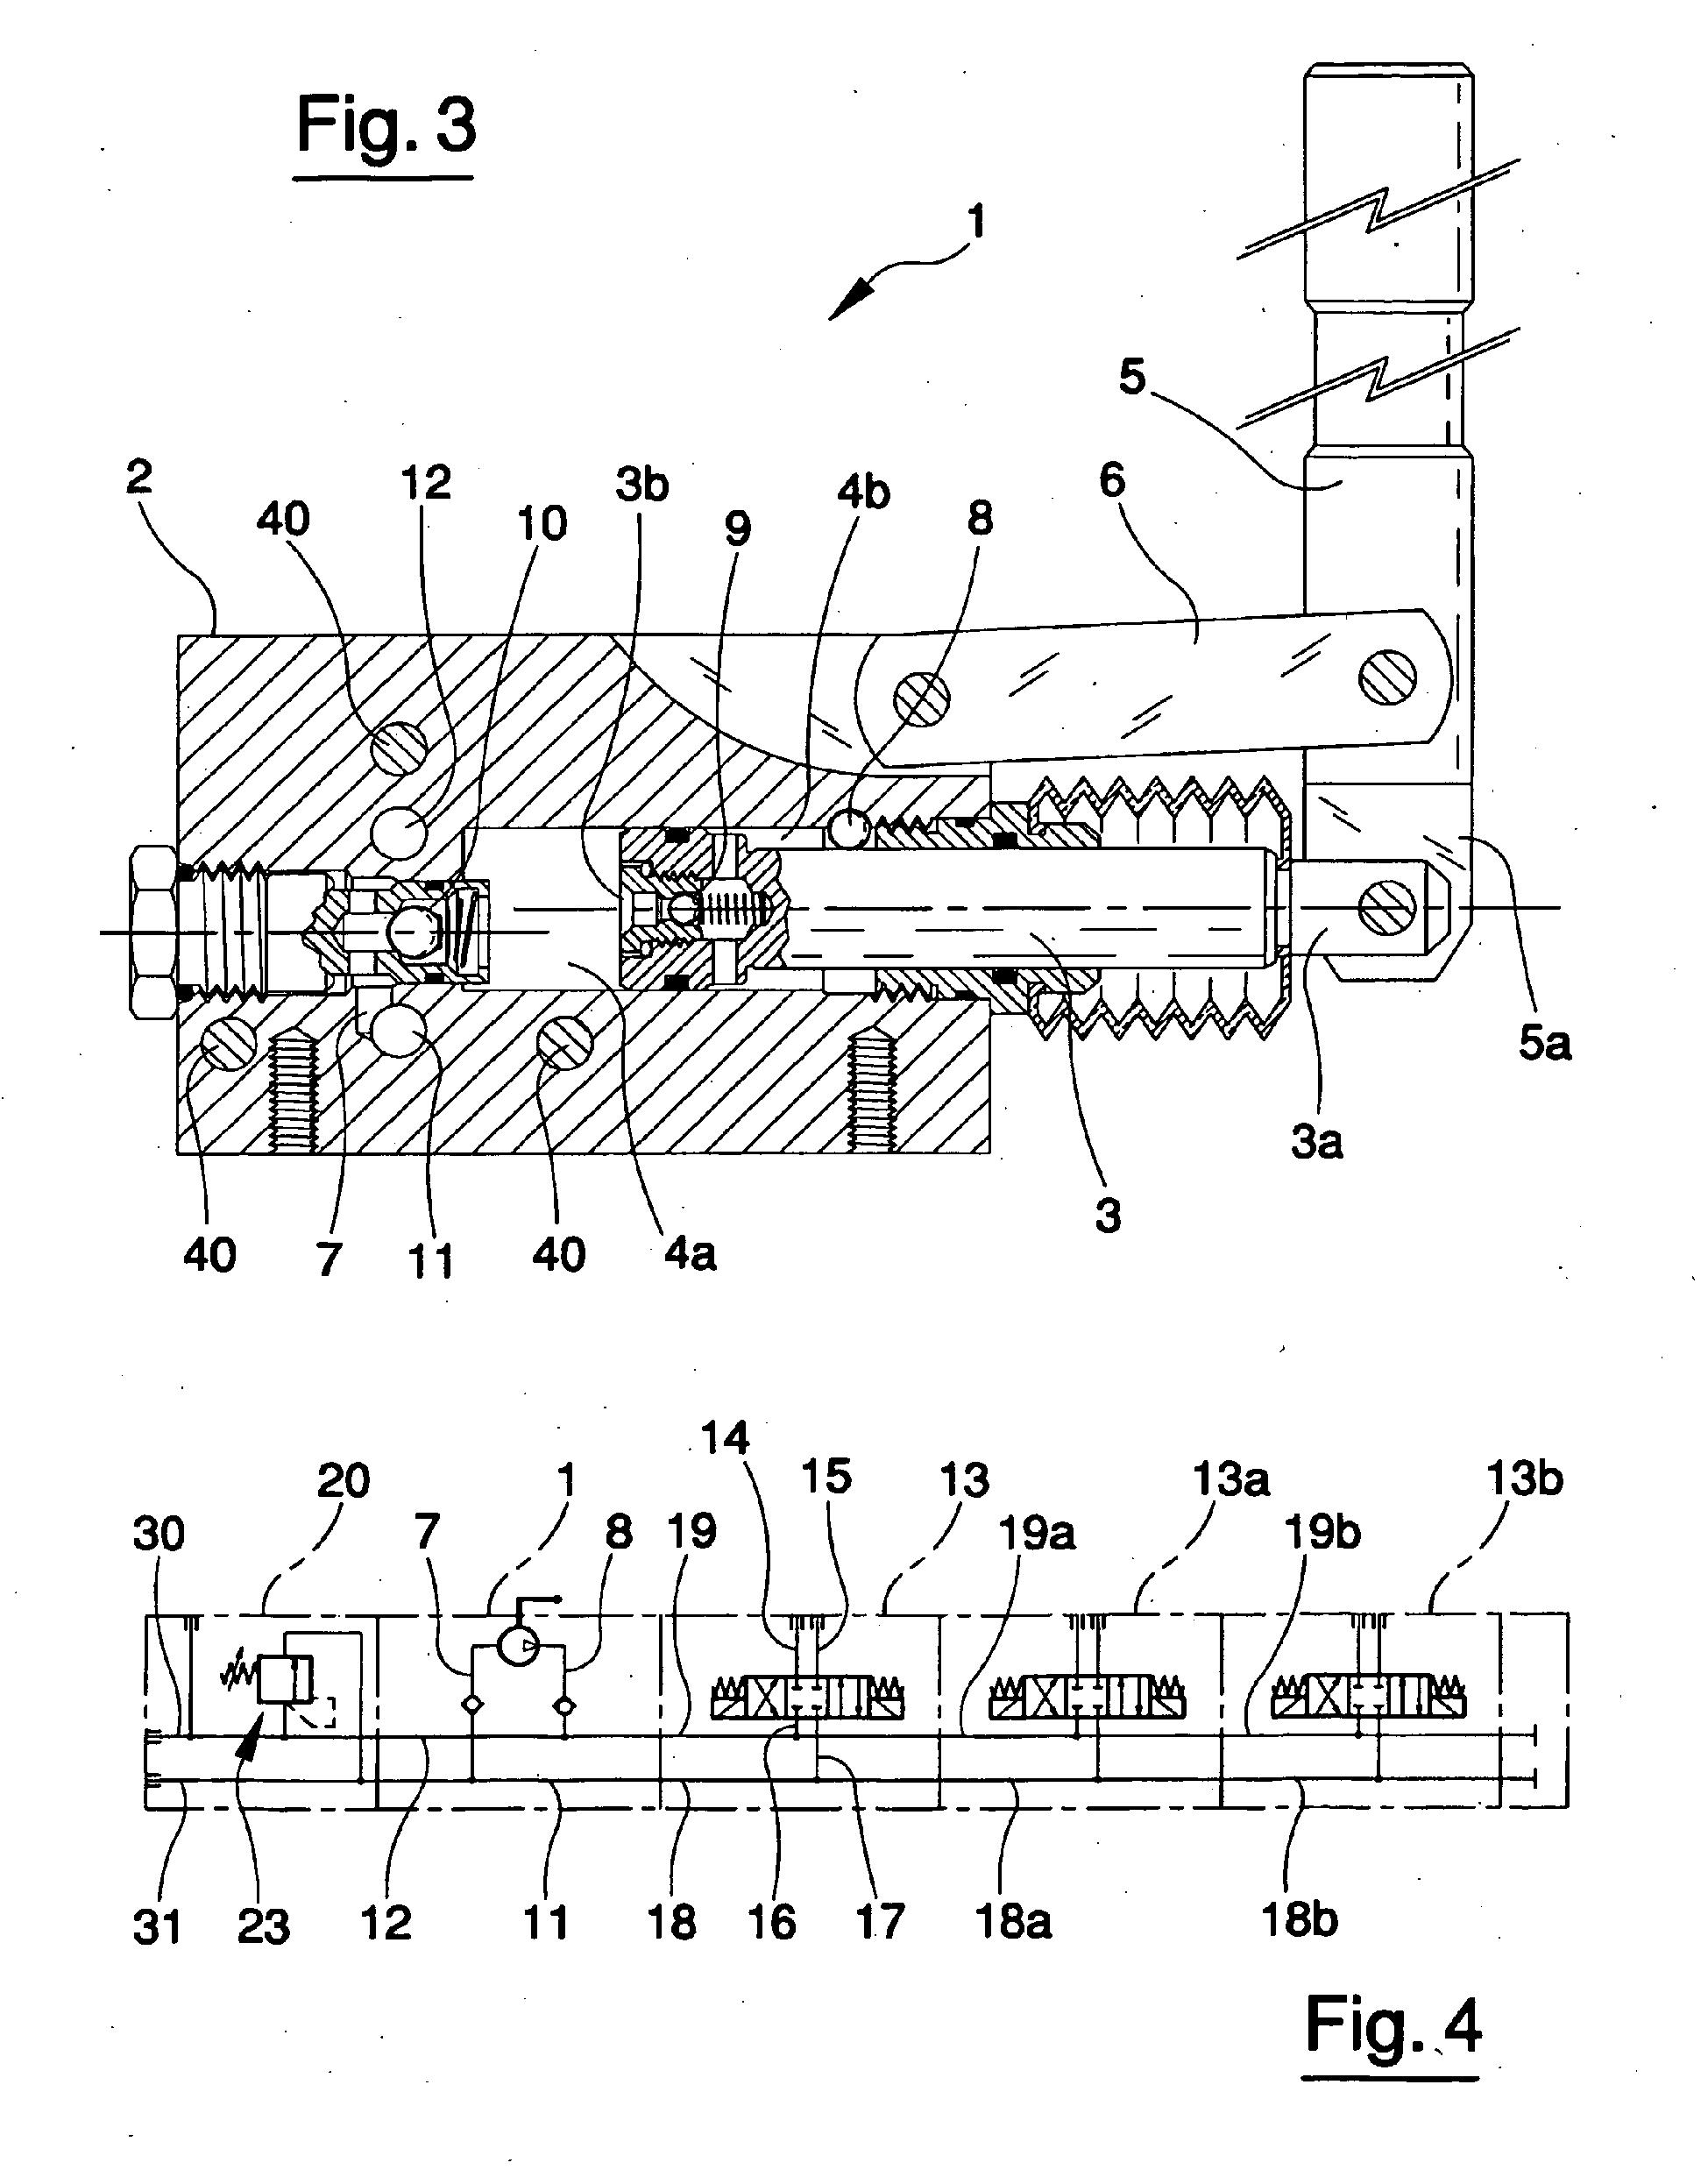 working diagram of hydraulic hand pump